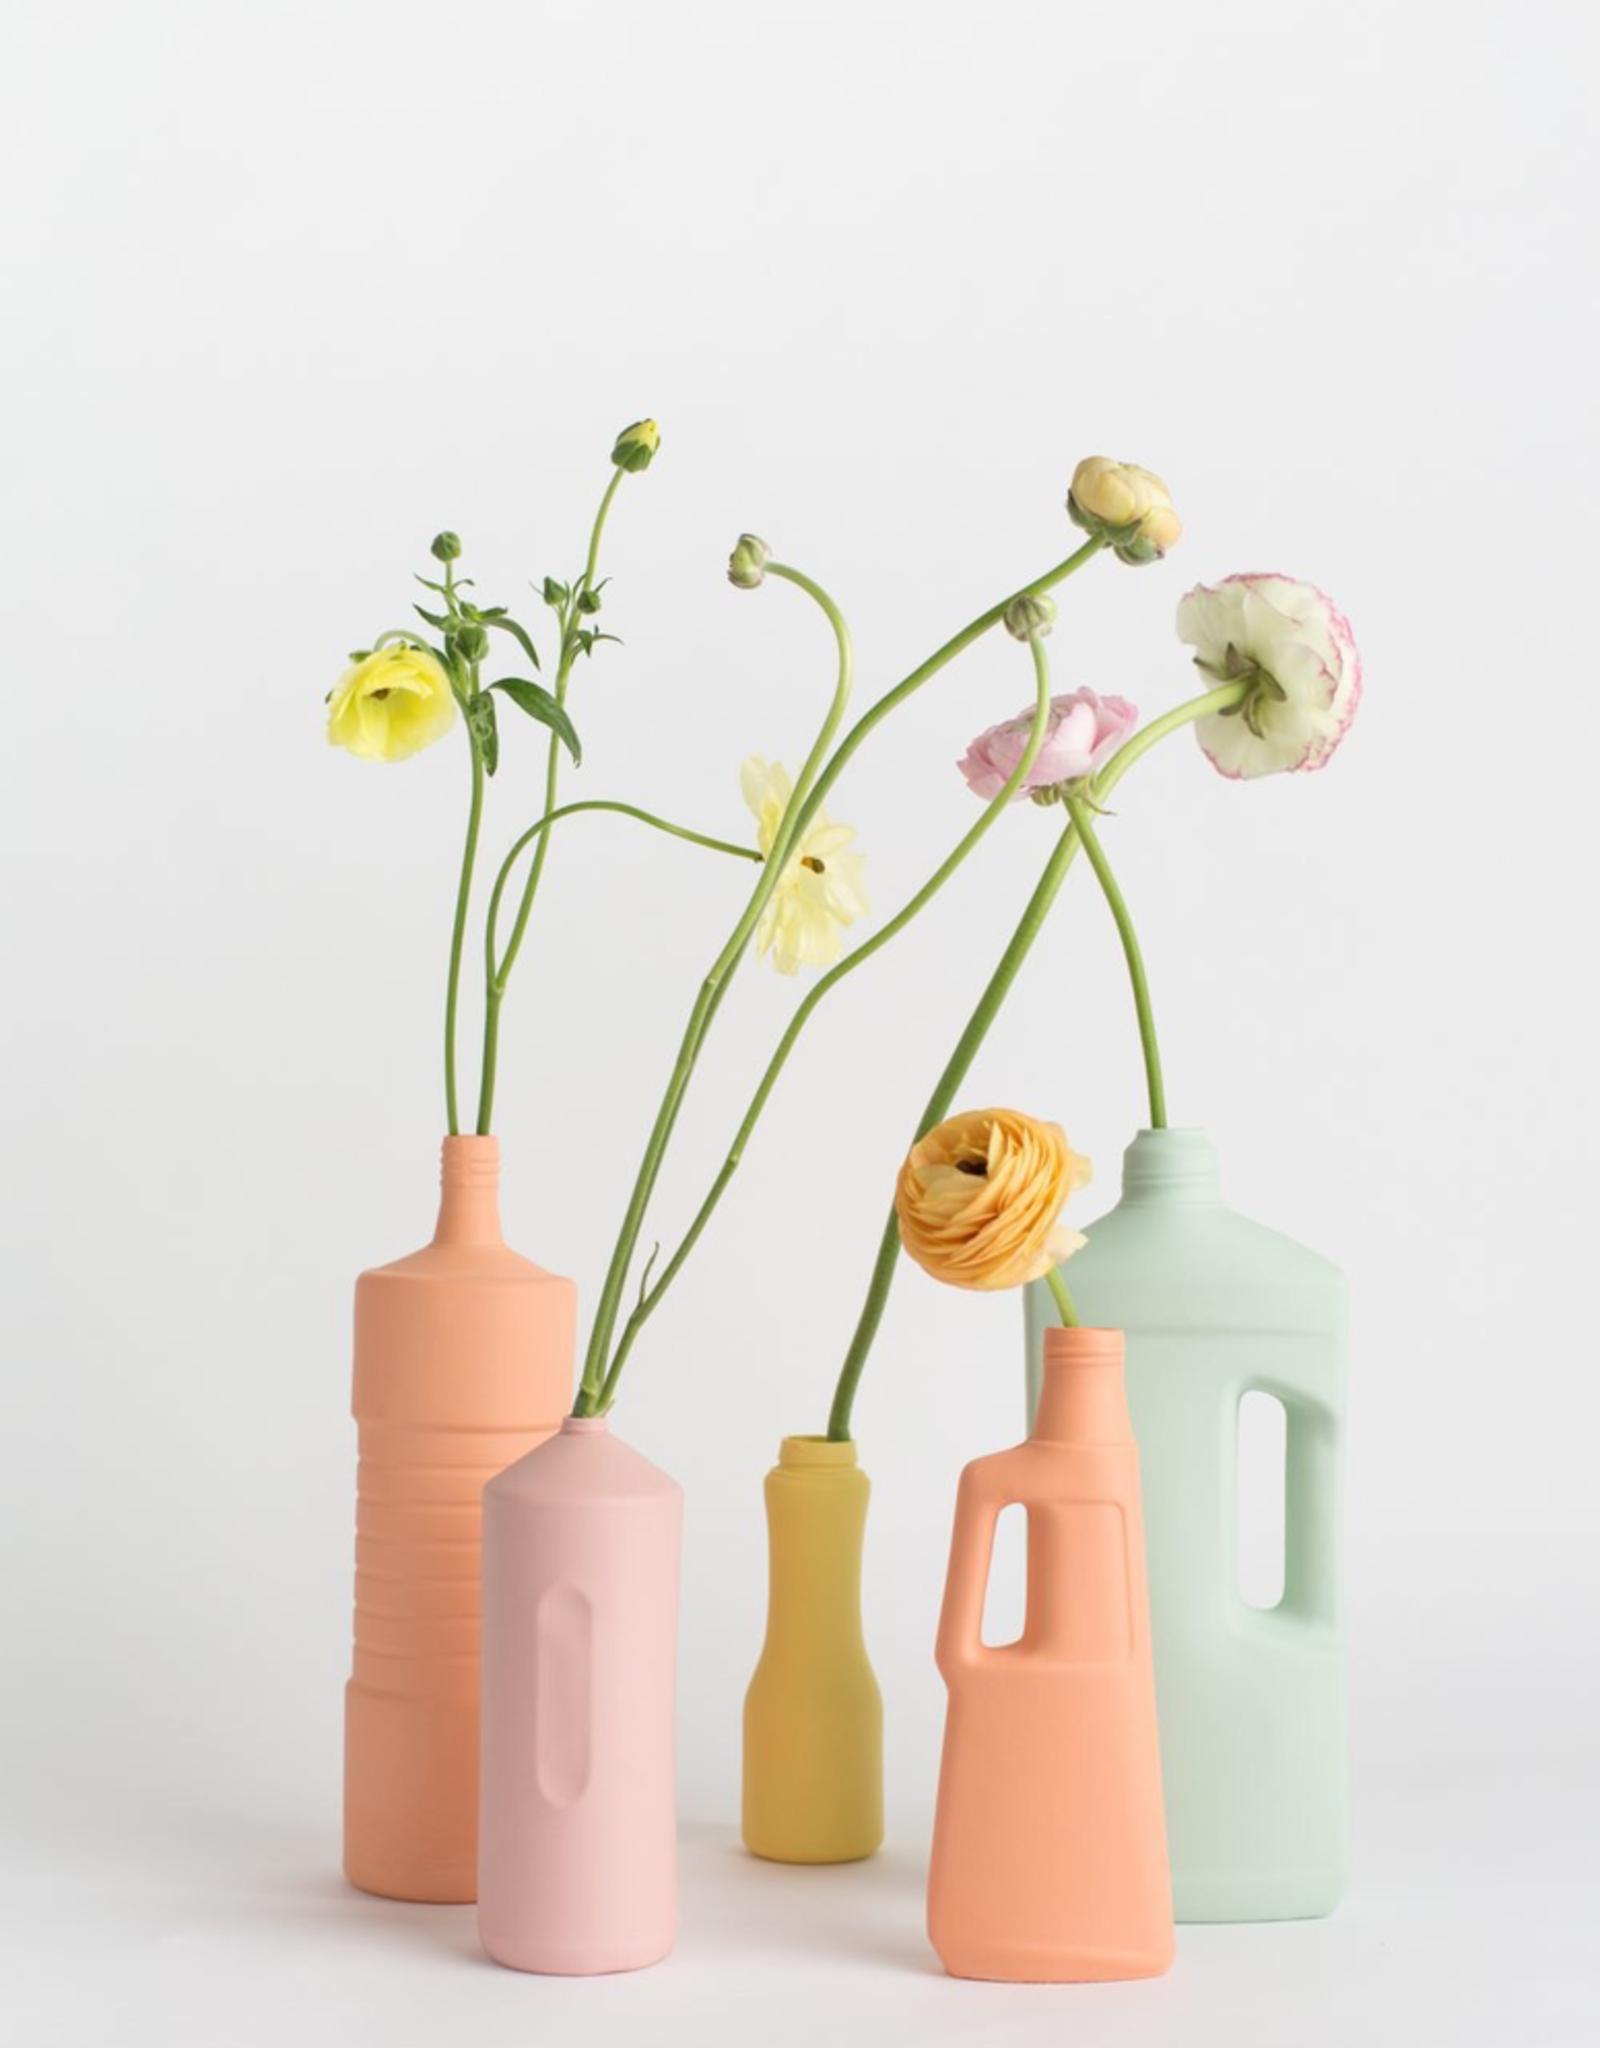 Foekje Fleur Foekje Fleur Porcelain Vase #9-Orange